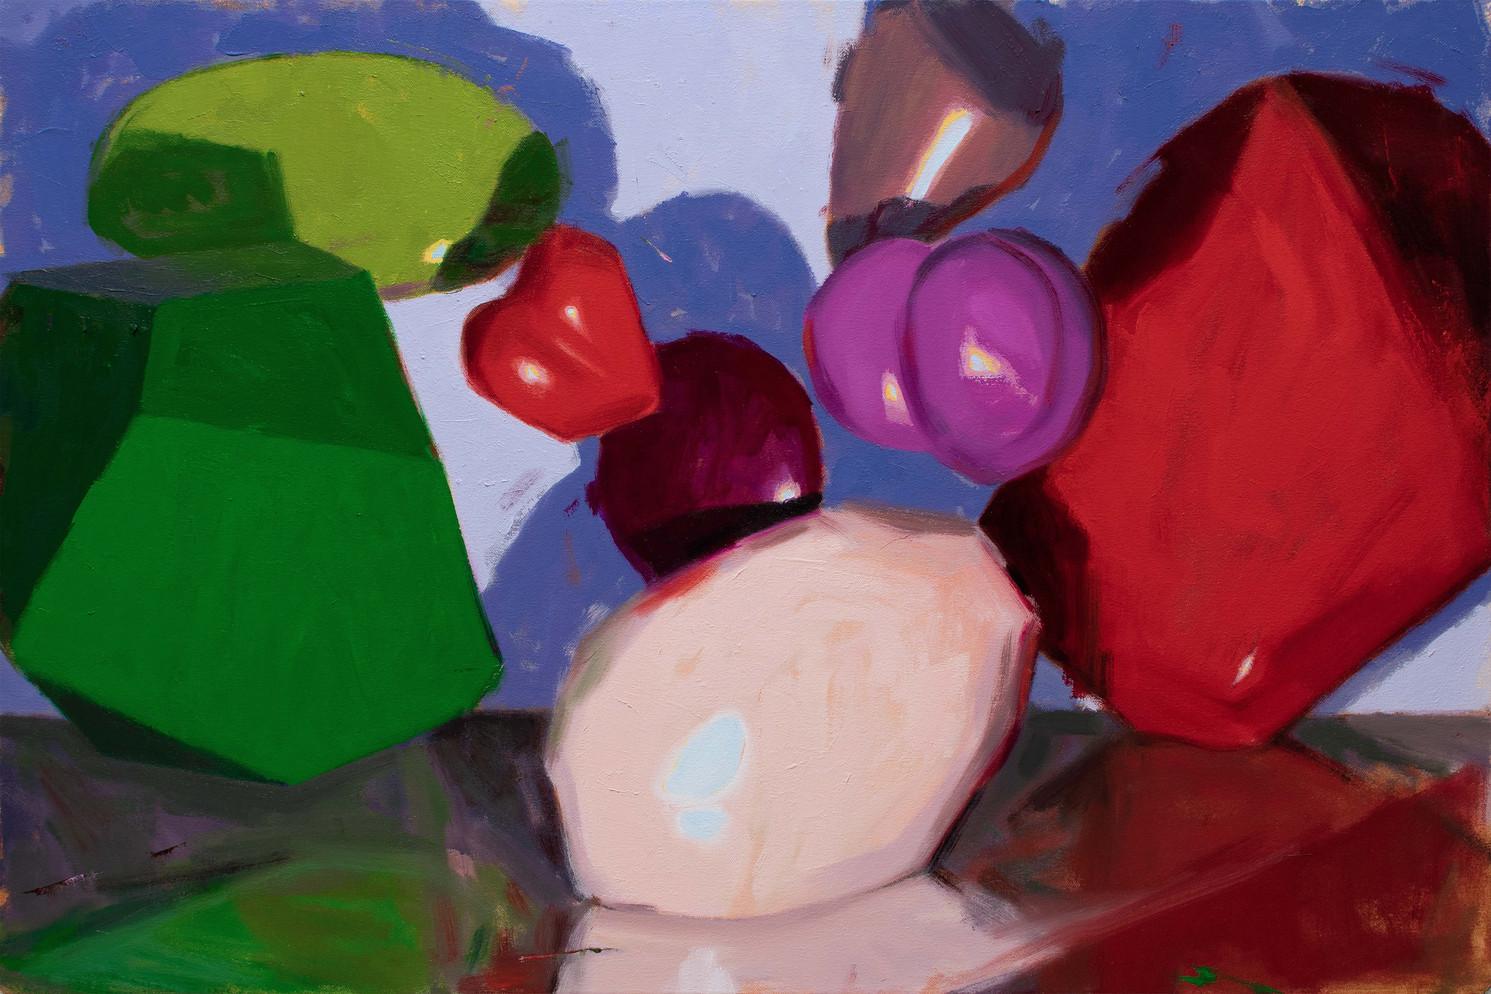 Koncrete Kandy, 2020, oil on canvas 50 x 75 cm